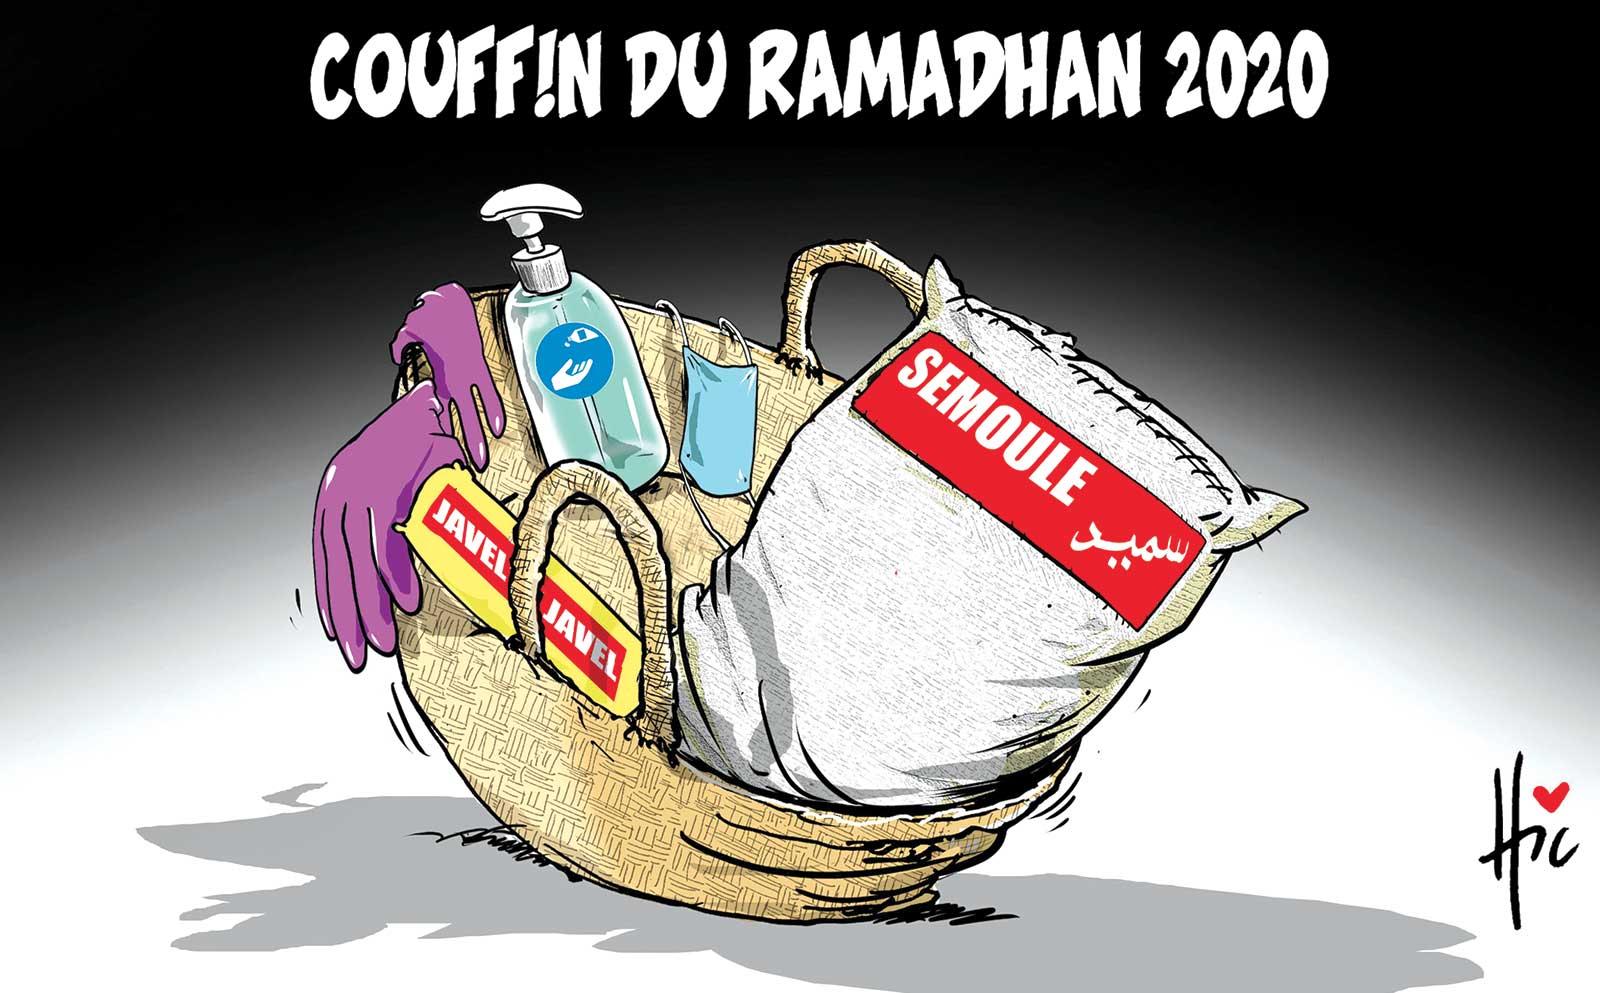 Couffin du ramadhan 2020 - Dessins et Caricatures, Le Hic - El Watan - Gagdz.com